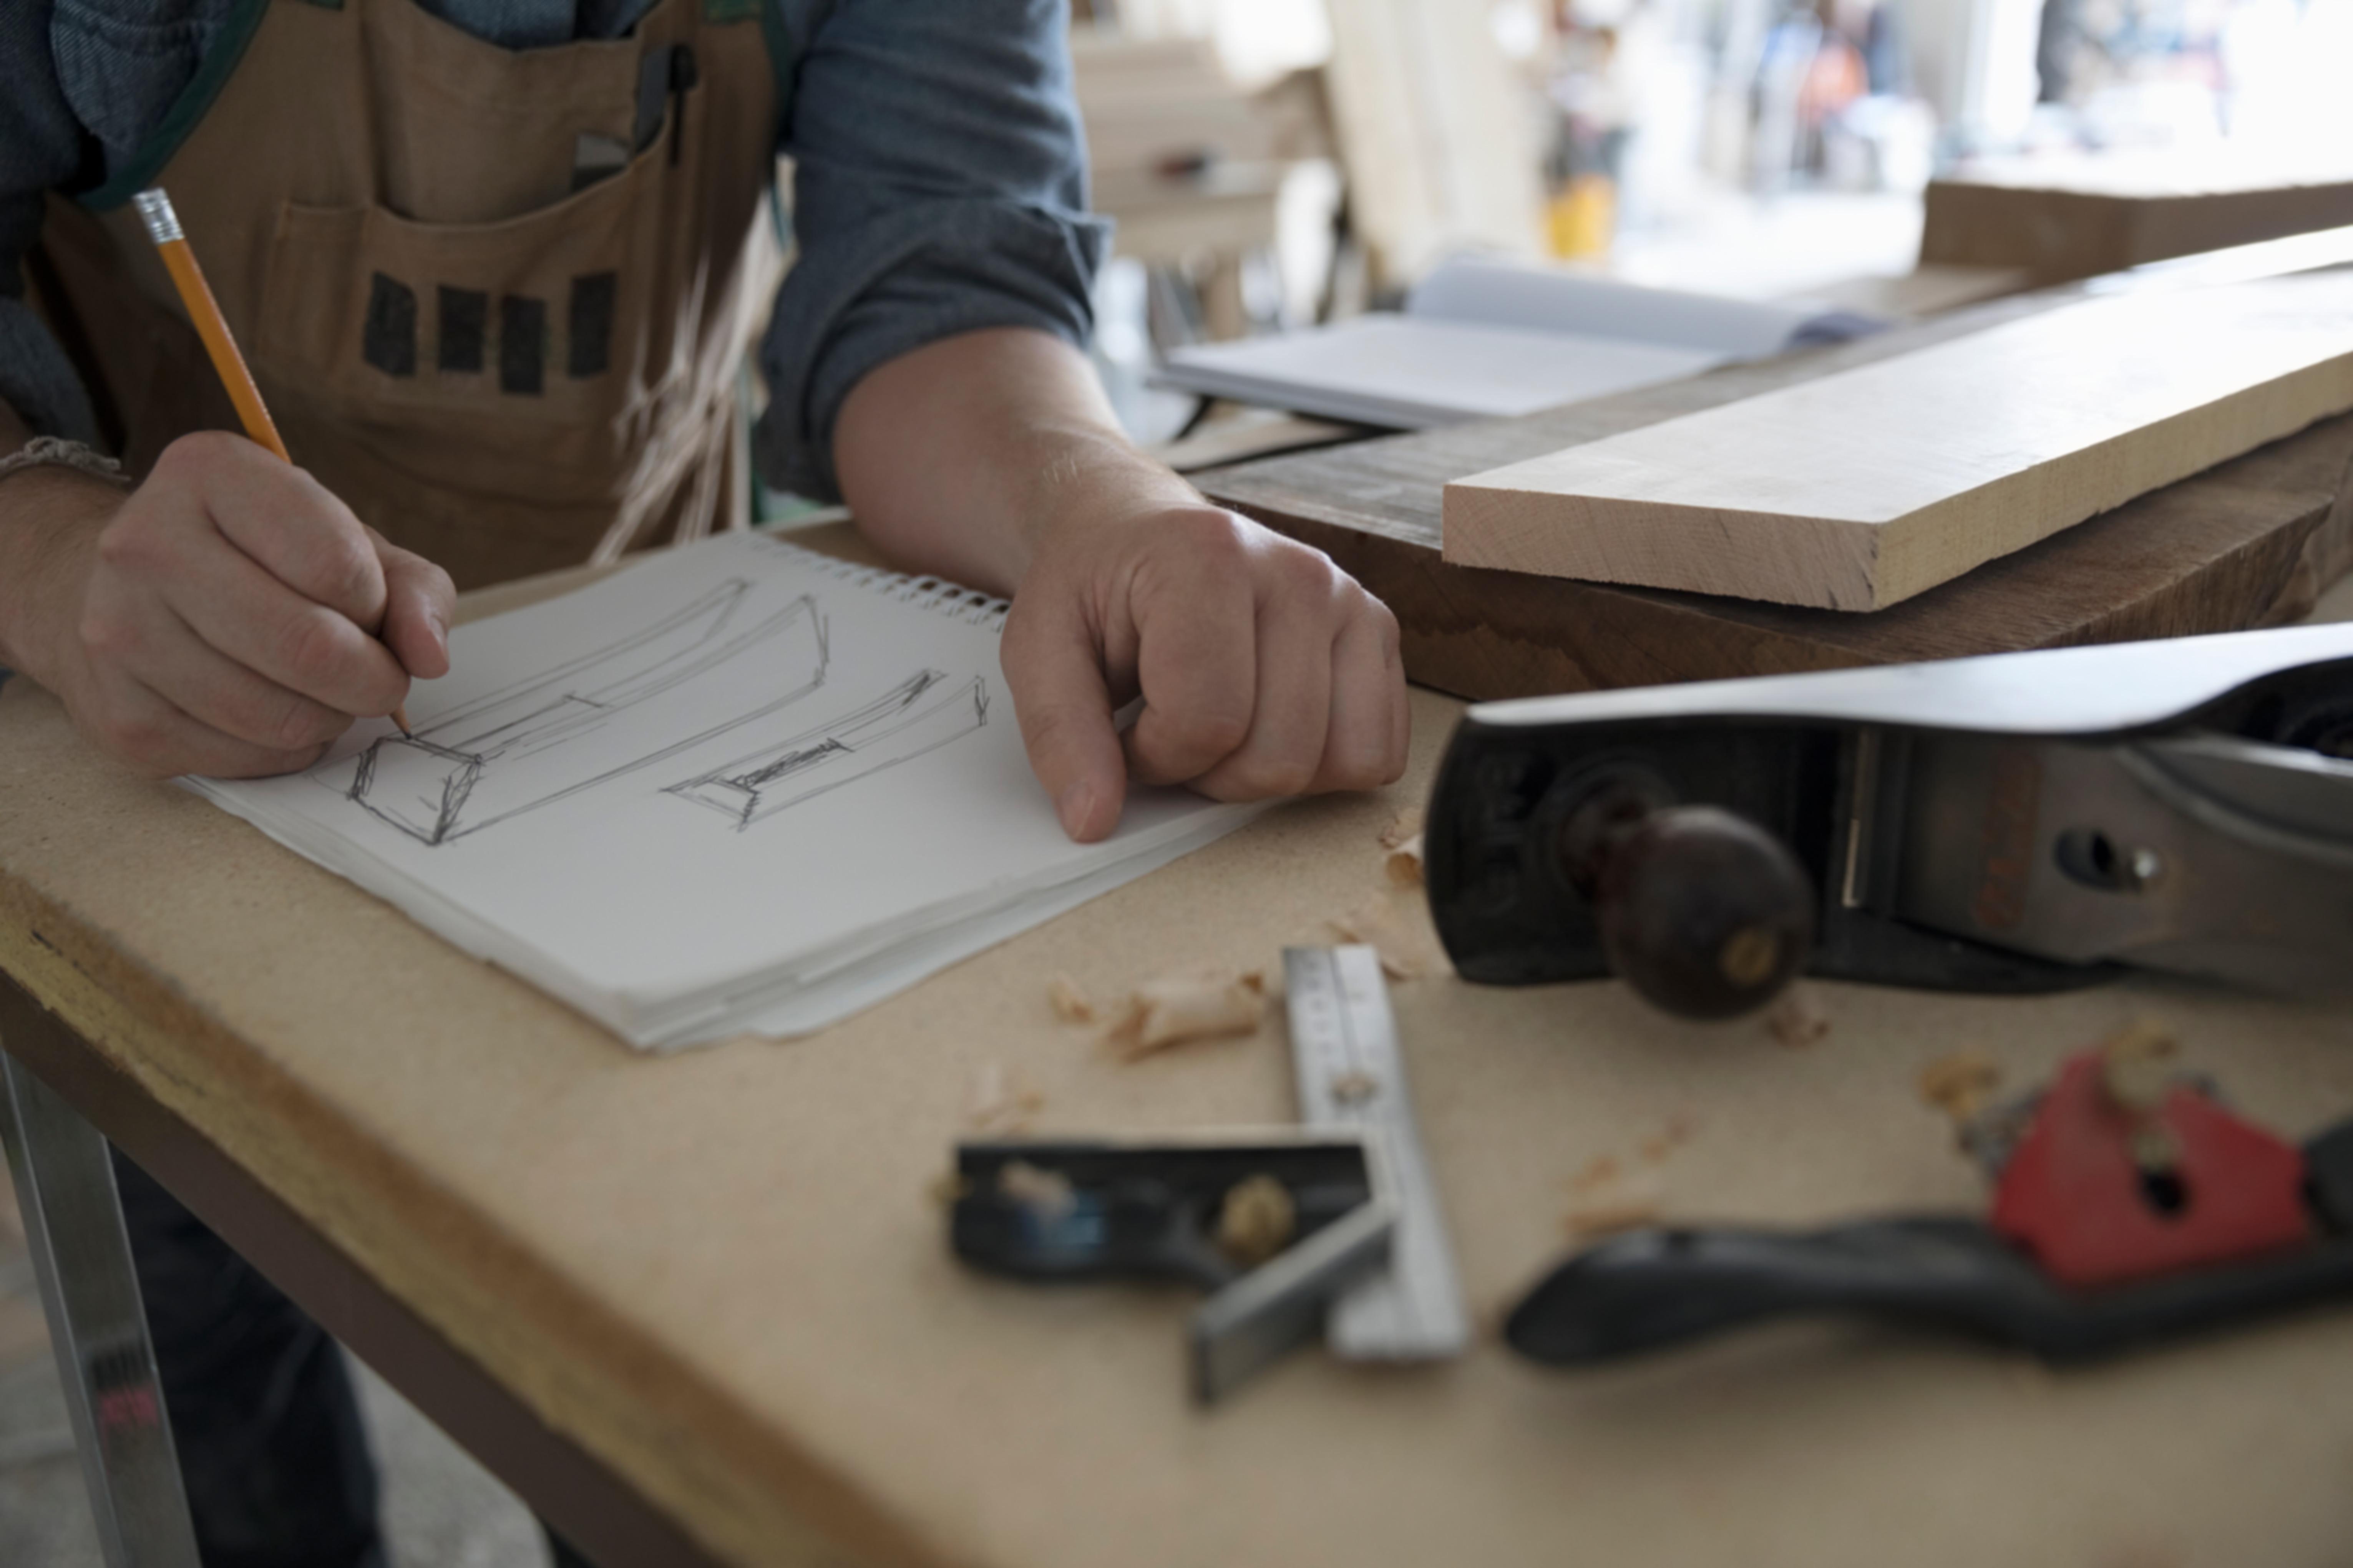 Möbel Planung Änderung Zeichnung